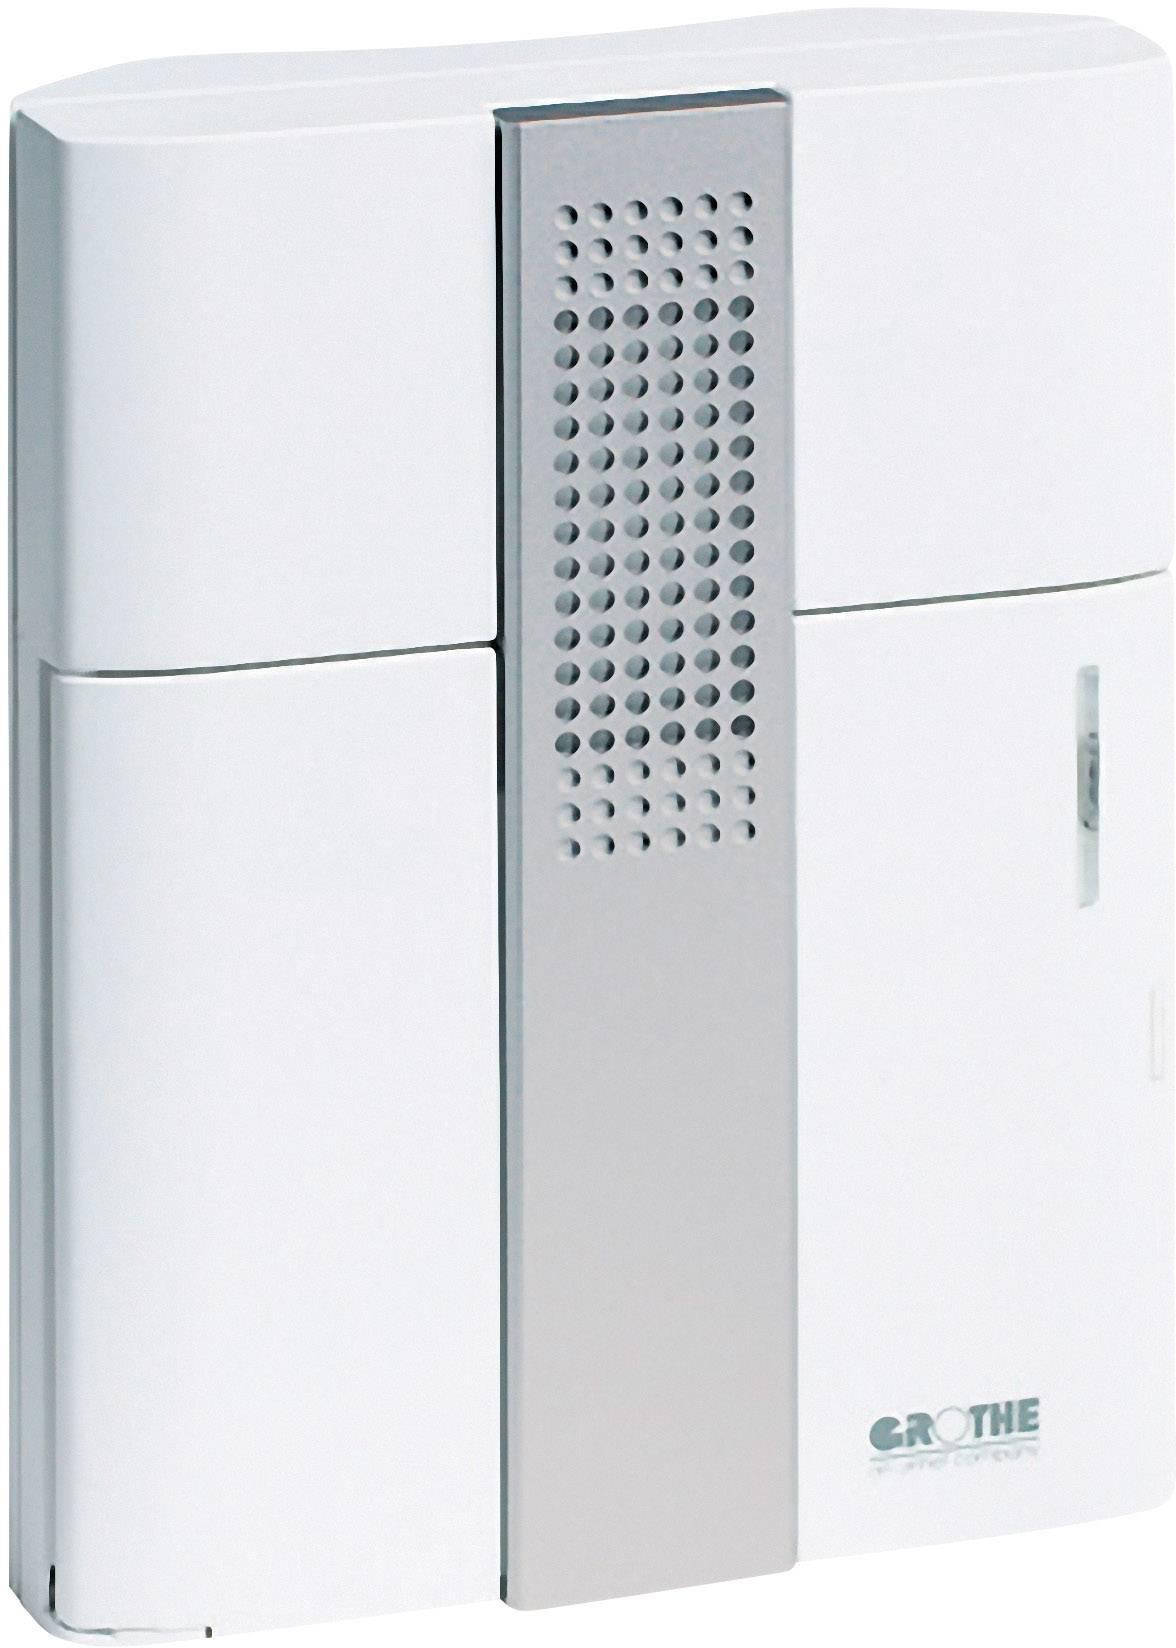 Gong Grothe Croma 50 43150, 8 - 12 V, 83 dB (A), biela, strieborná